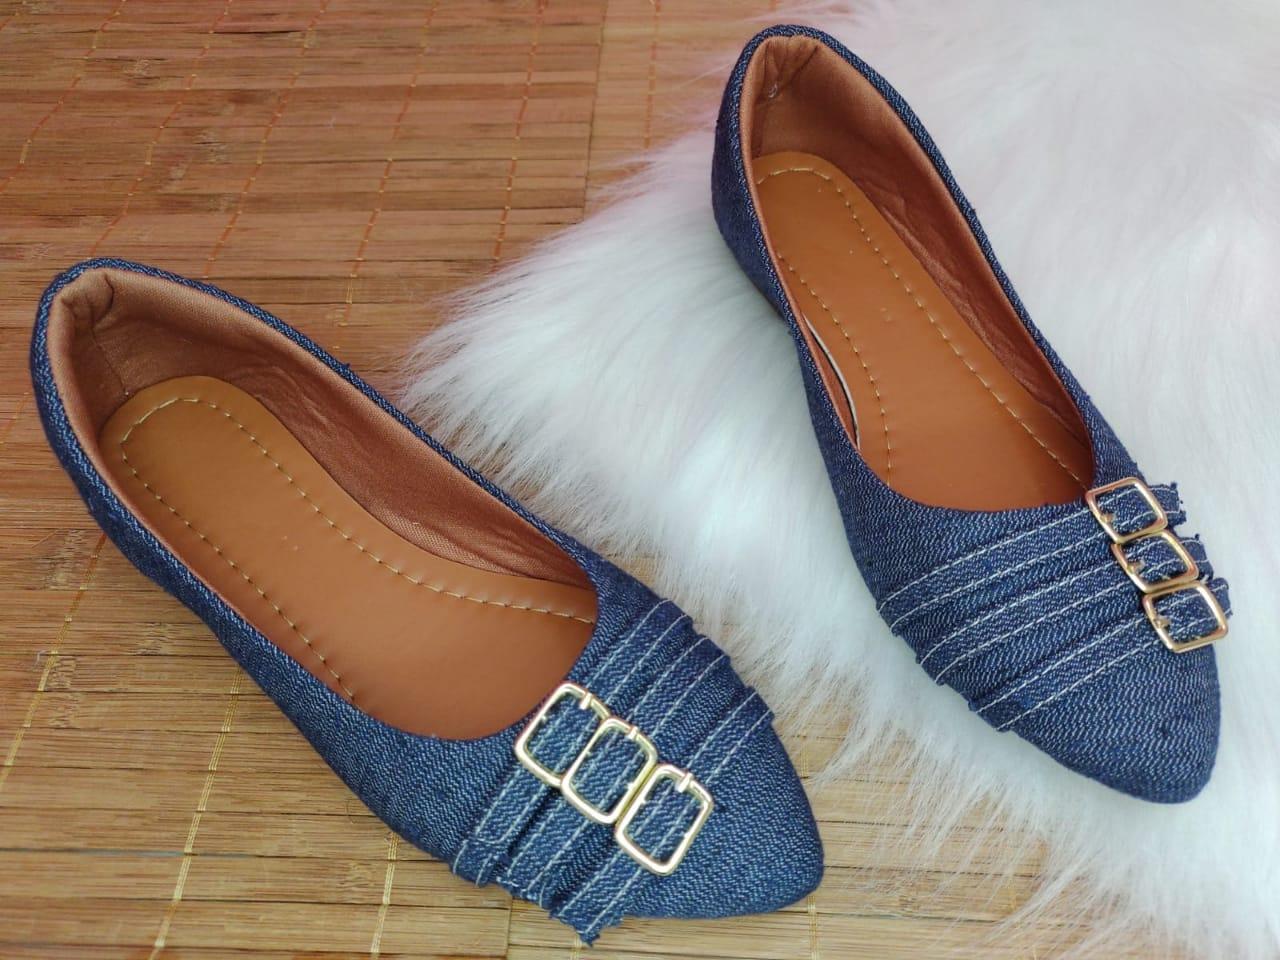 Sapatilha Material Jeans- Detalhe três com fivelas dourada